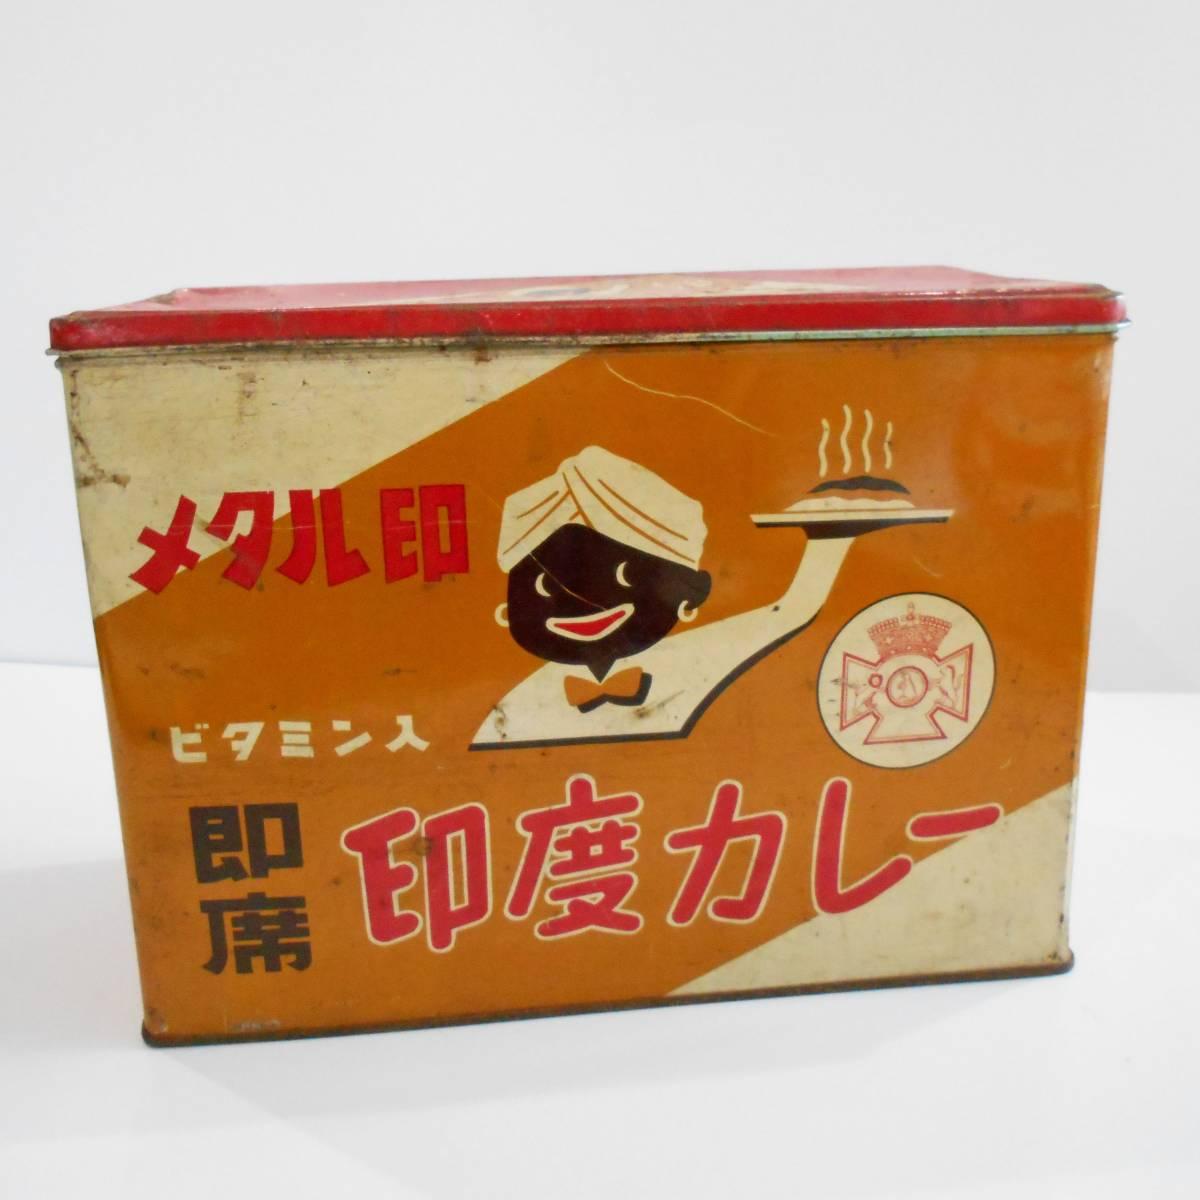 当時モノ メタル印 即席インドカレーの缶